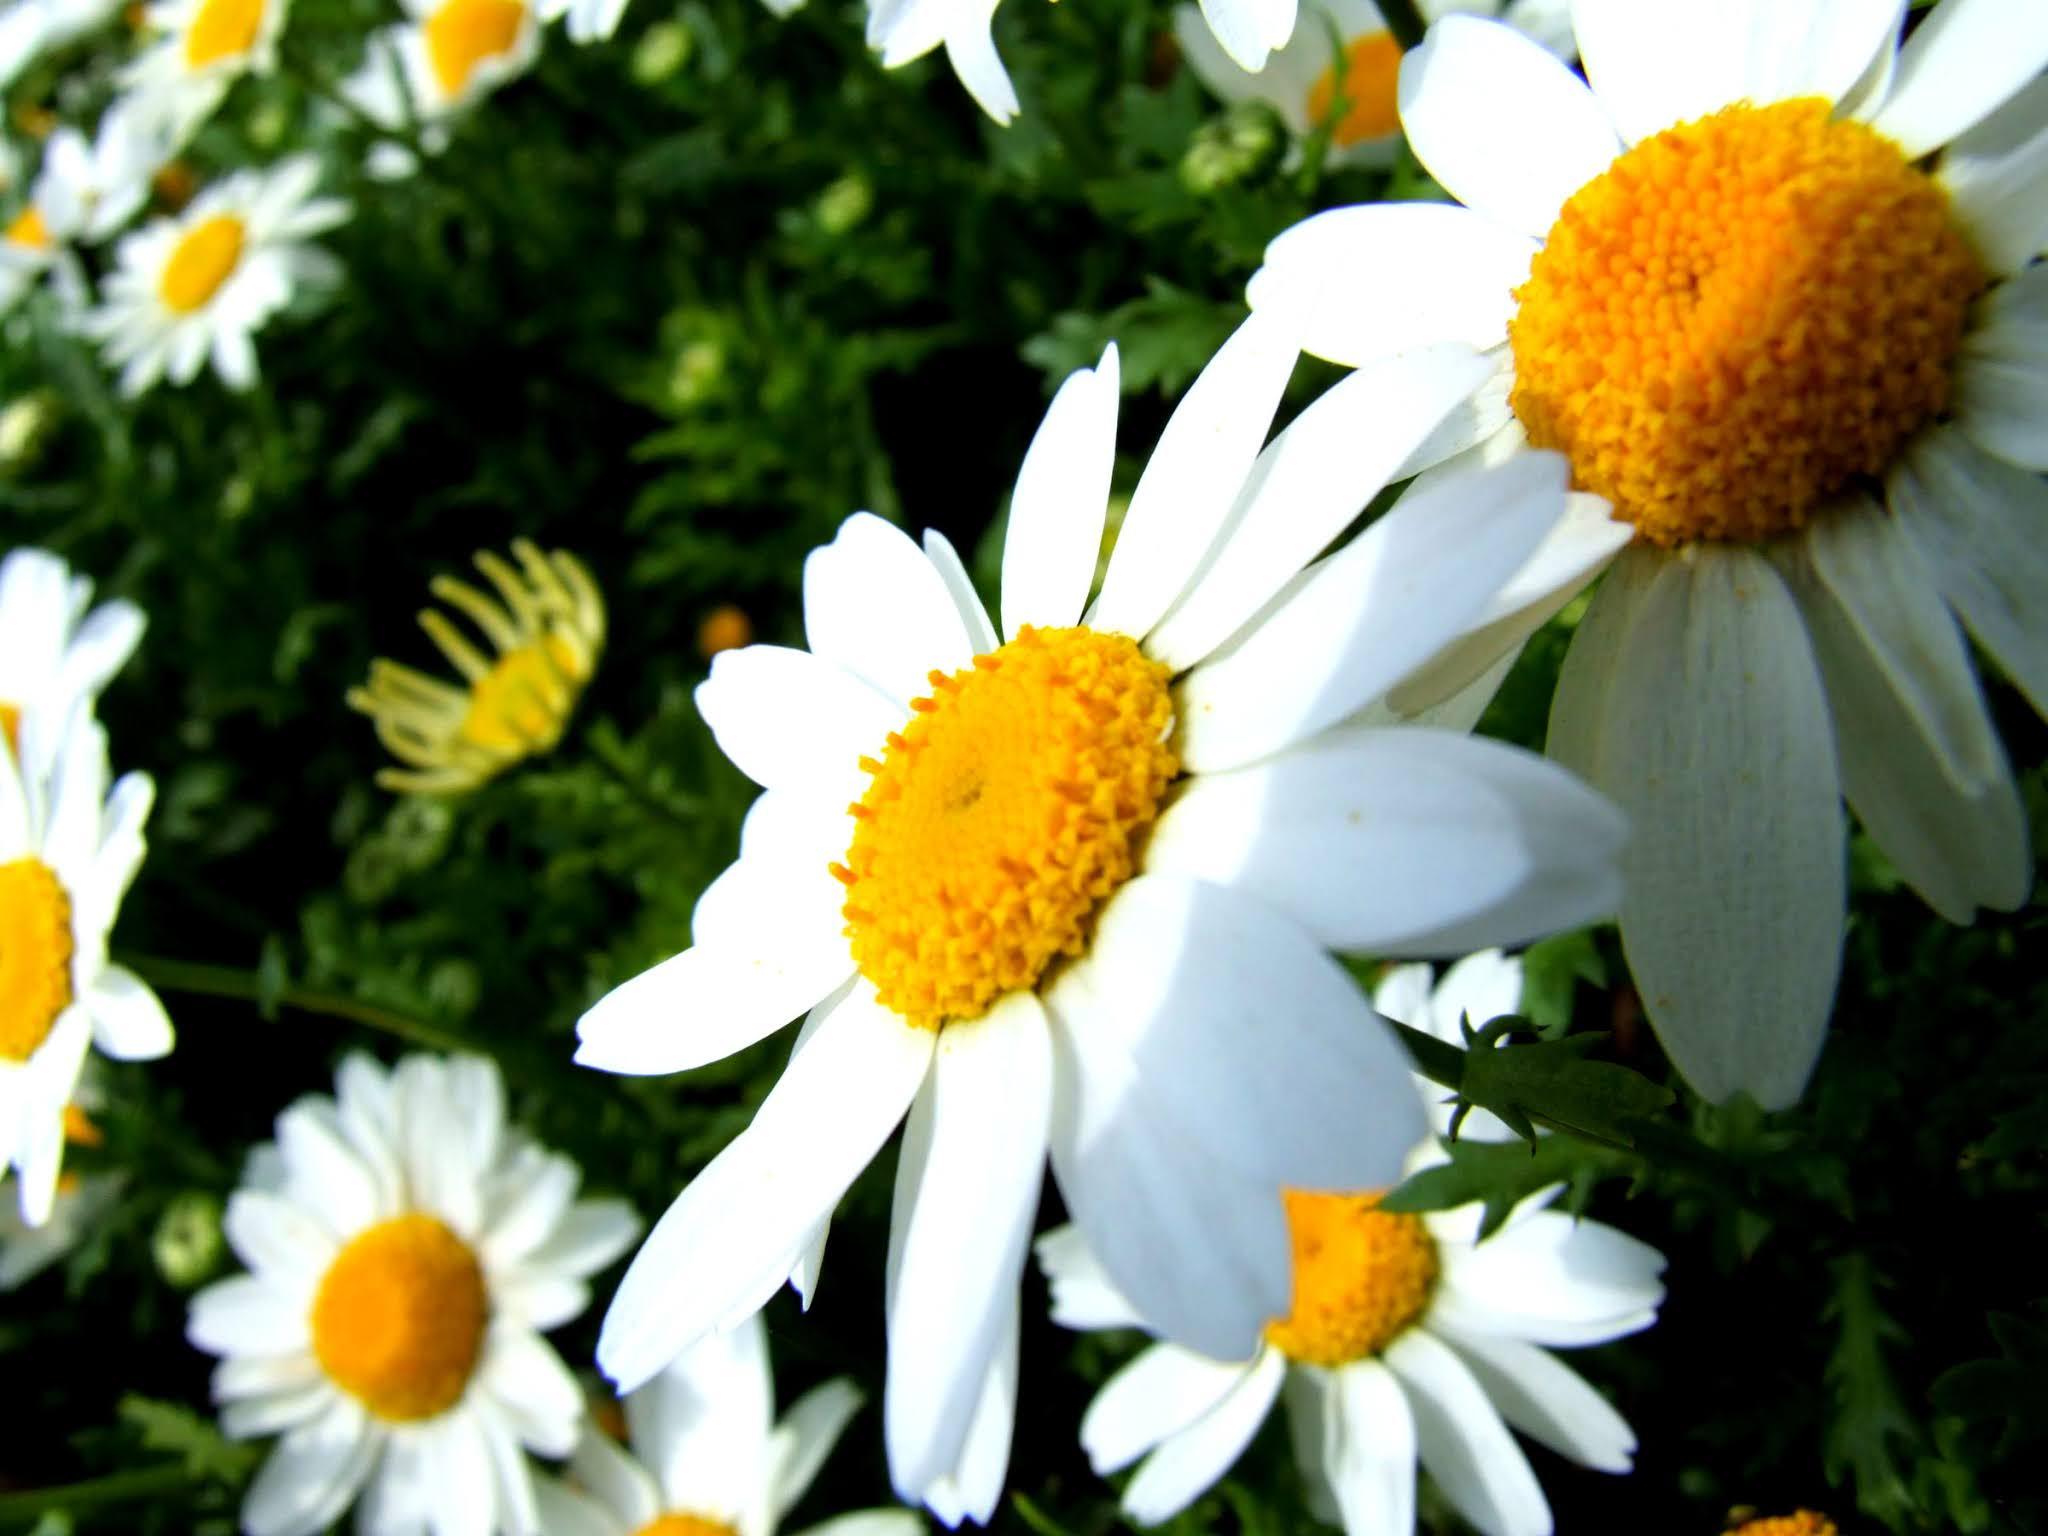 マーガレット(モクシュンギク)の花の写真素材です。白く咲き誇る花弁がキレイですよね。画面を華やかにしたい場面でいかがでしょう。